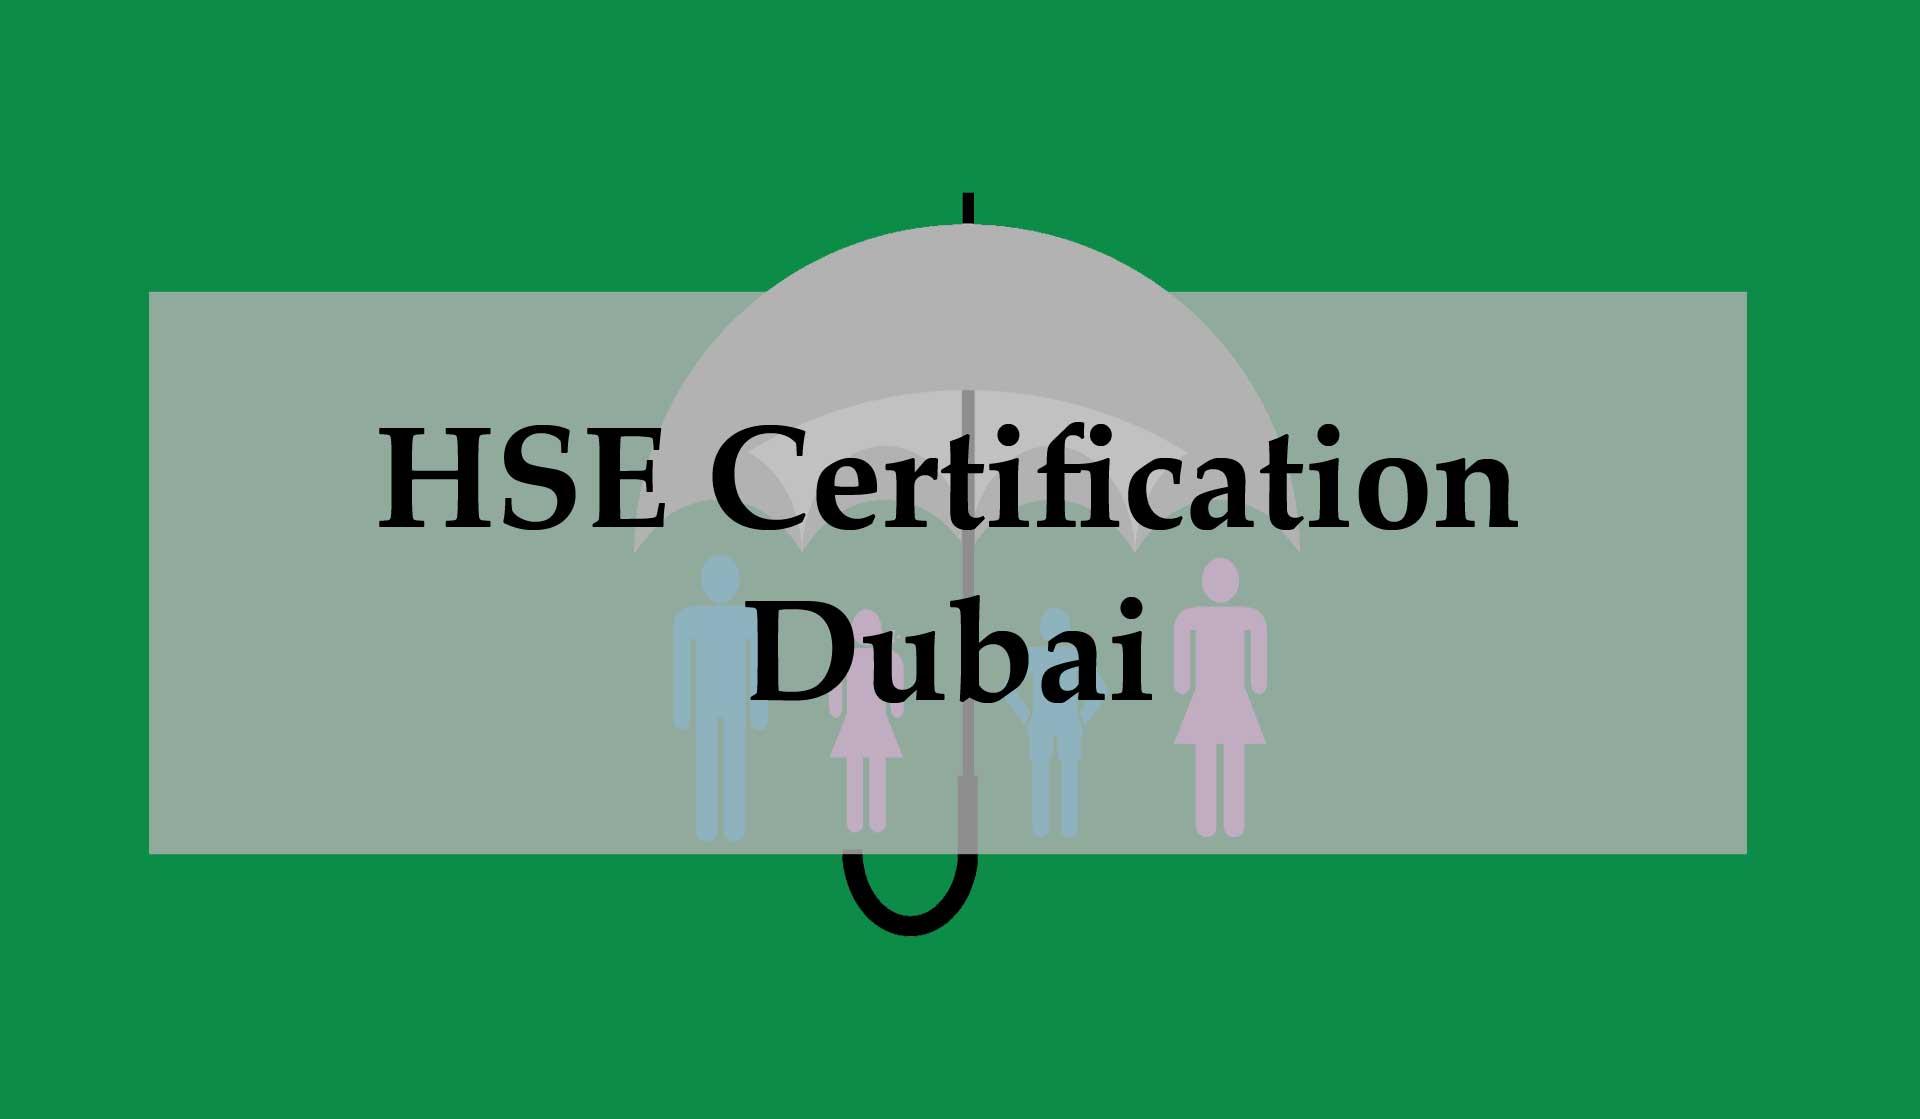 HSE_Certification_Dubai